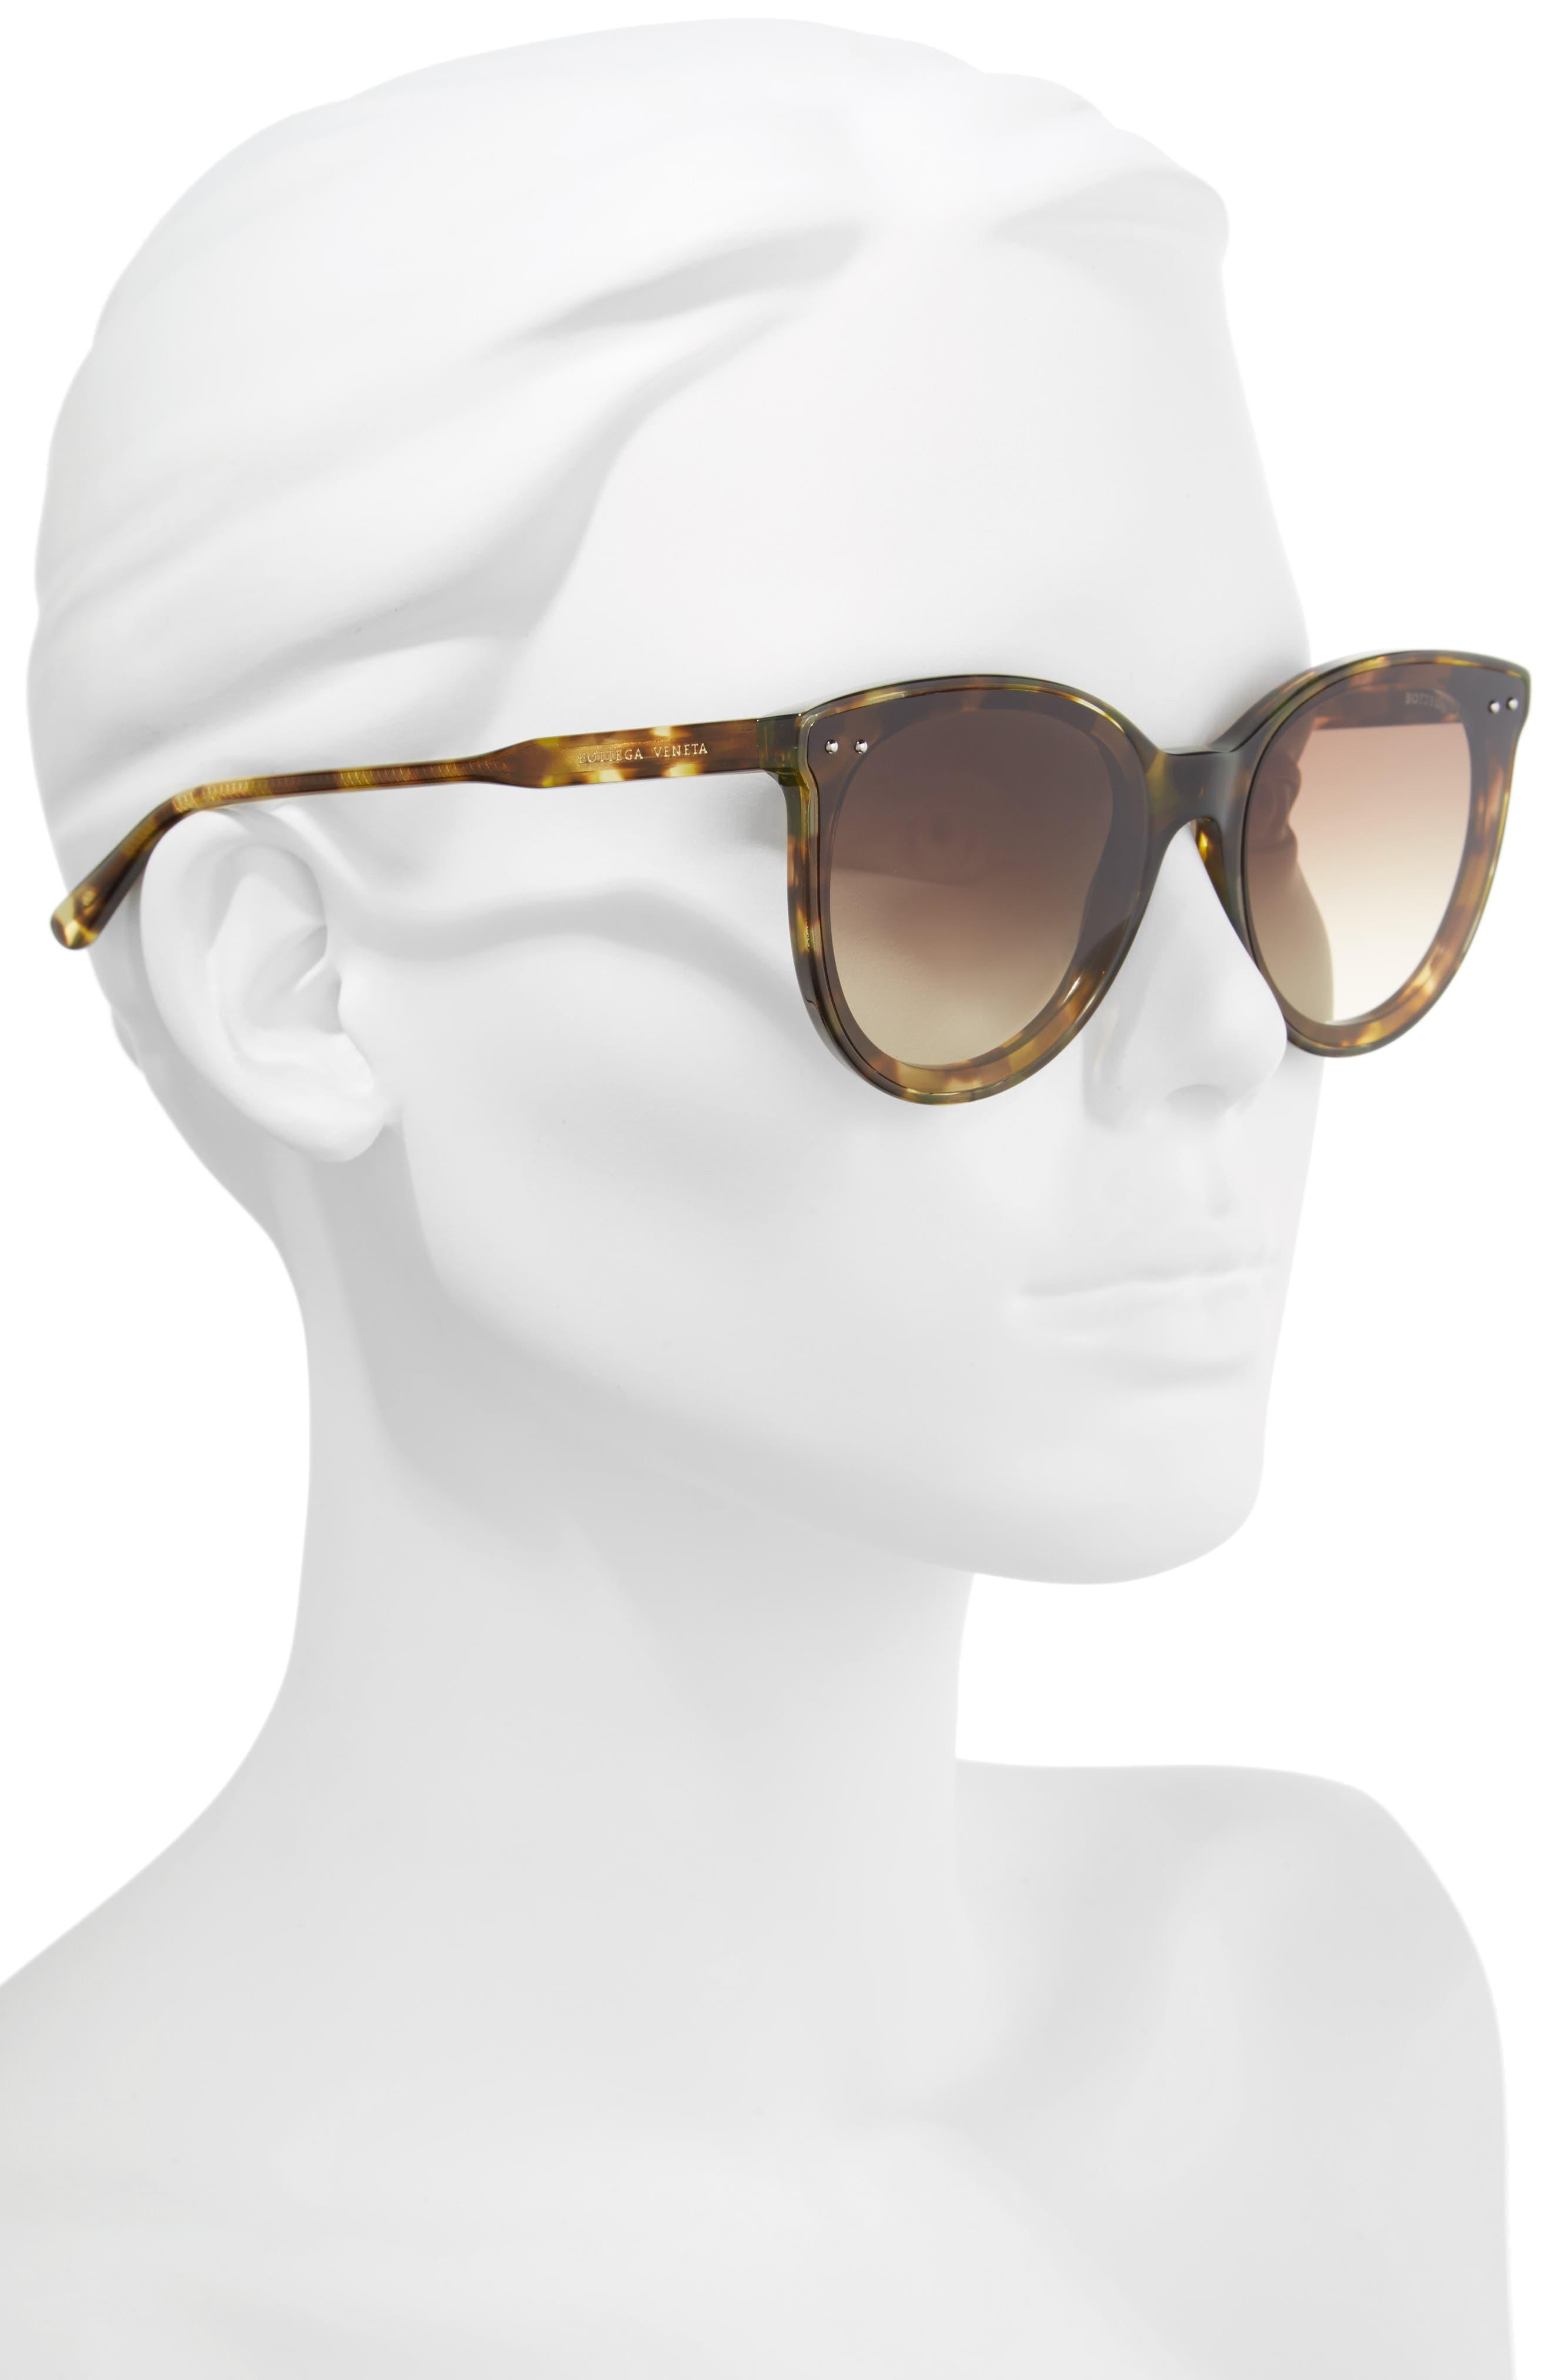 61mm Cat Eye Sunglasses,                             Alternate thumbnail 2, color,                             GREEN HAVANA